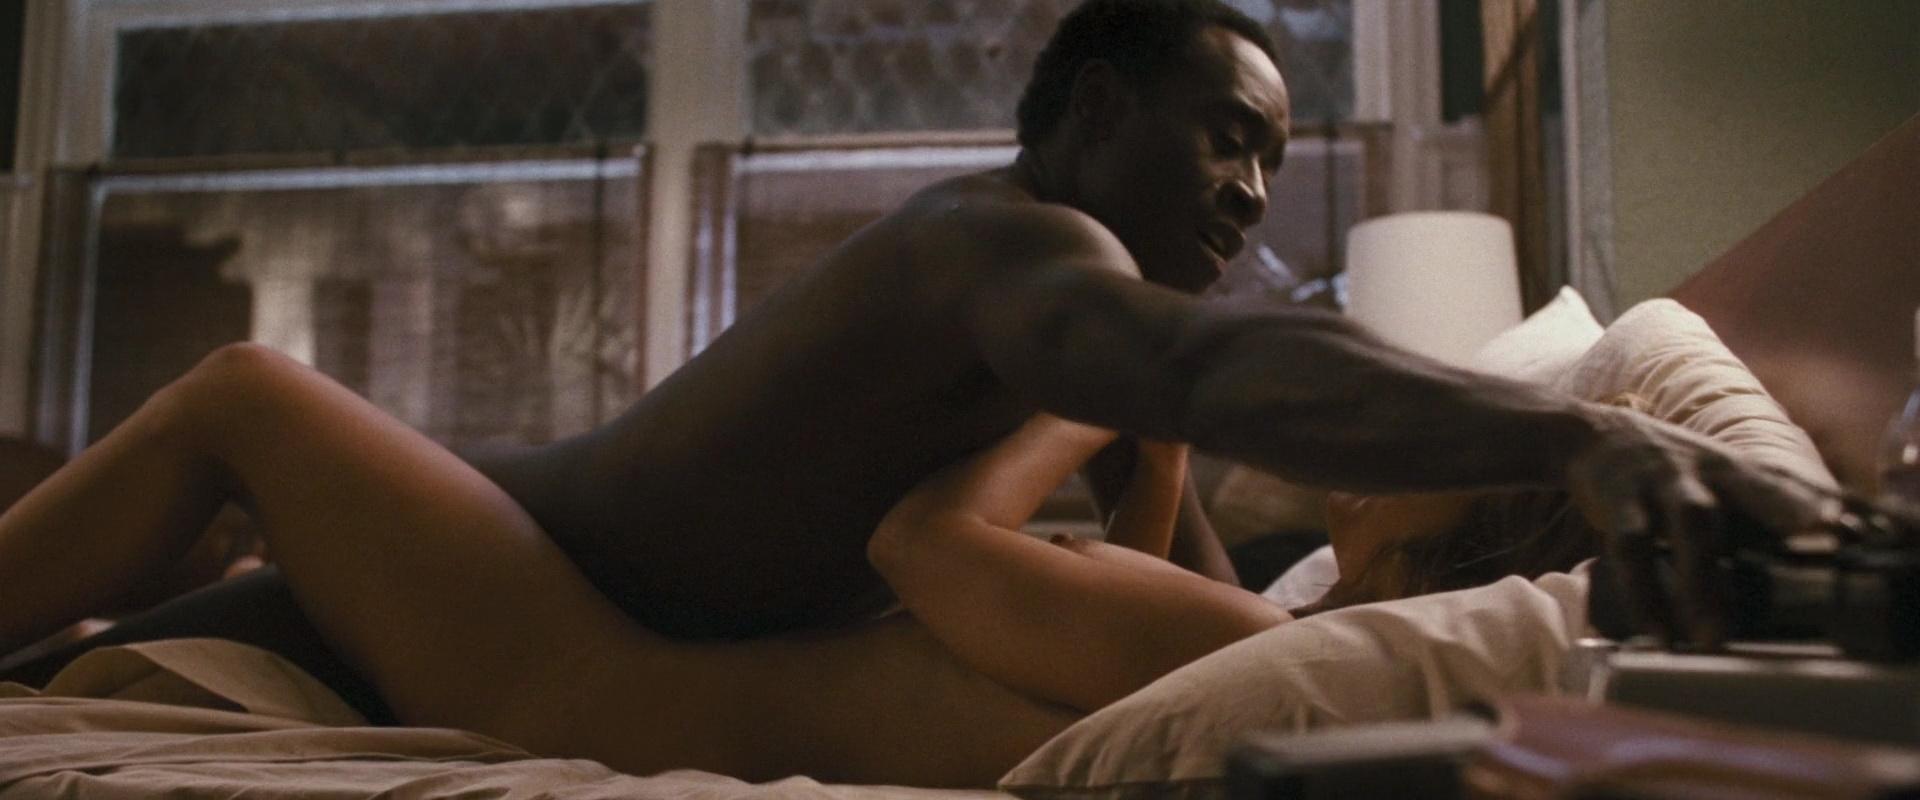 nudes scenes Jennifer sex esposito